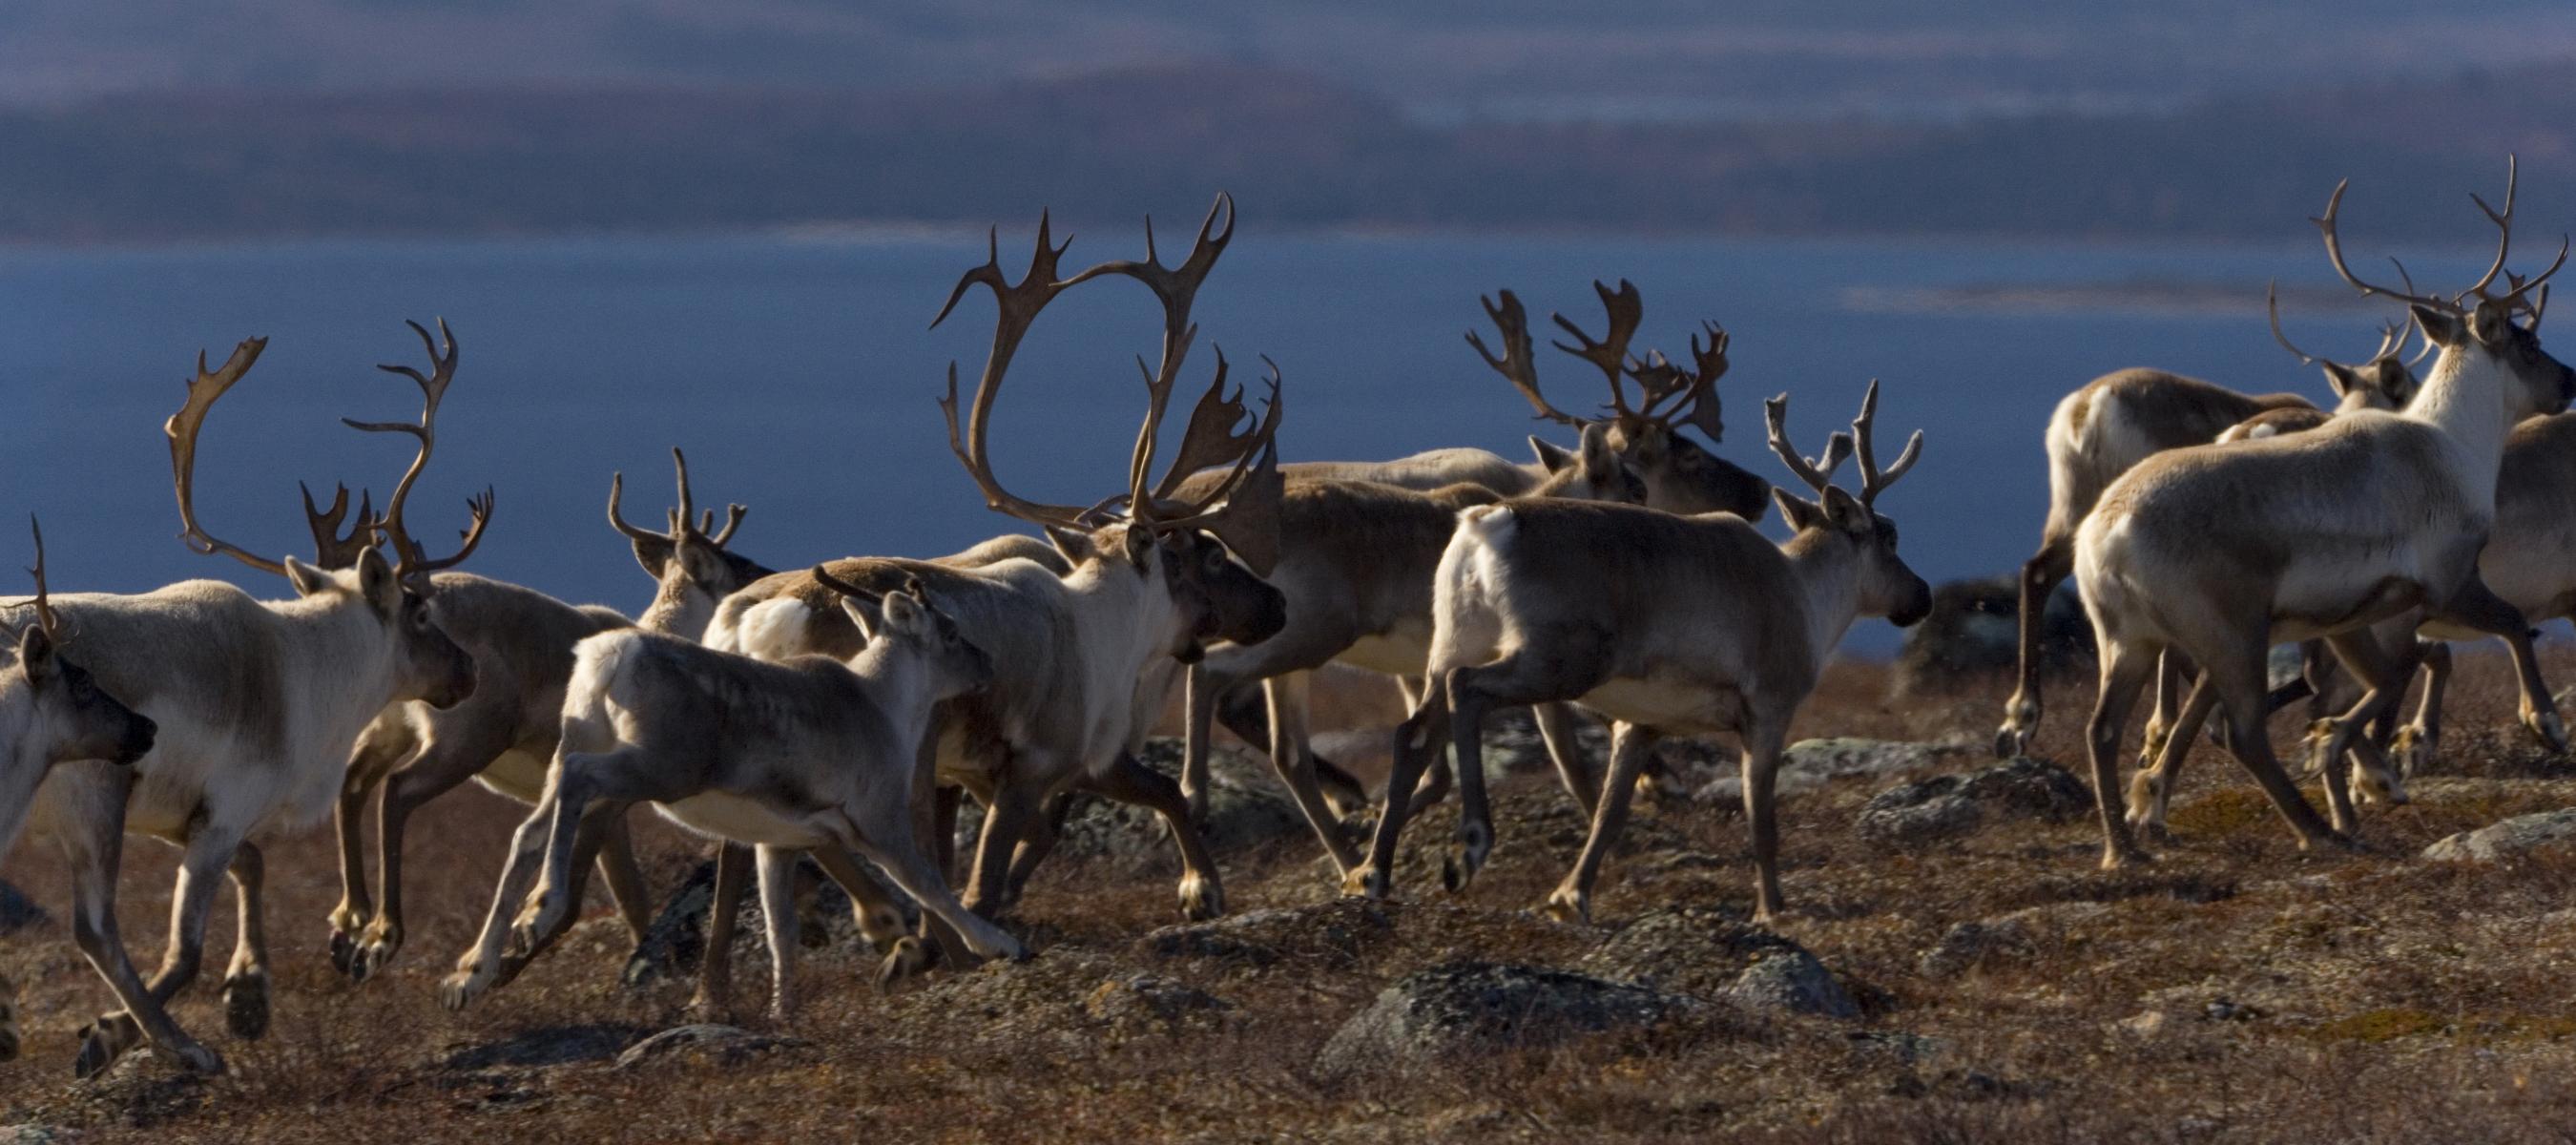 / ©: GaryAndJoanieMcGuffin.com / WWF-Canada